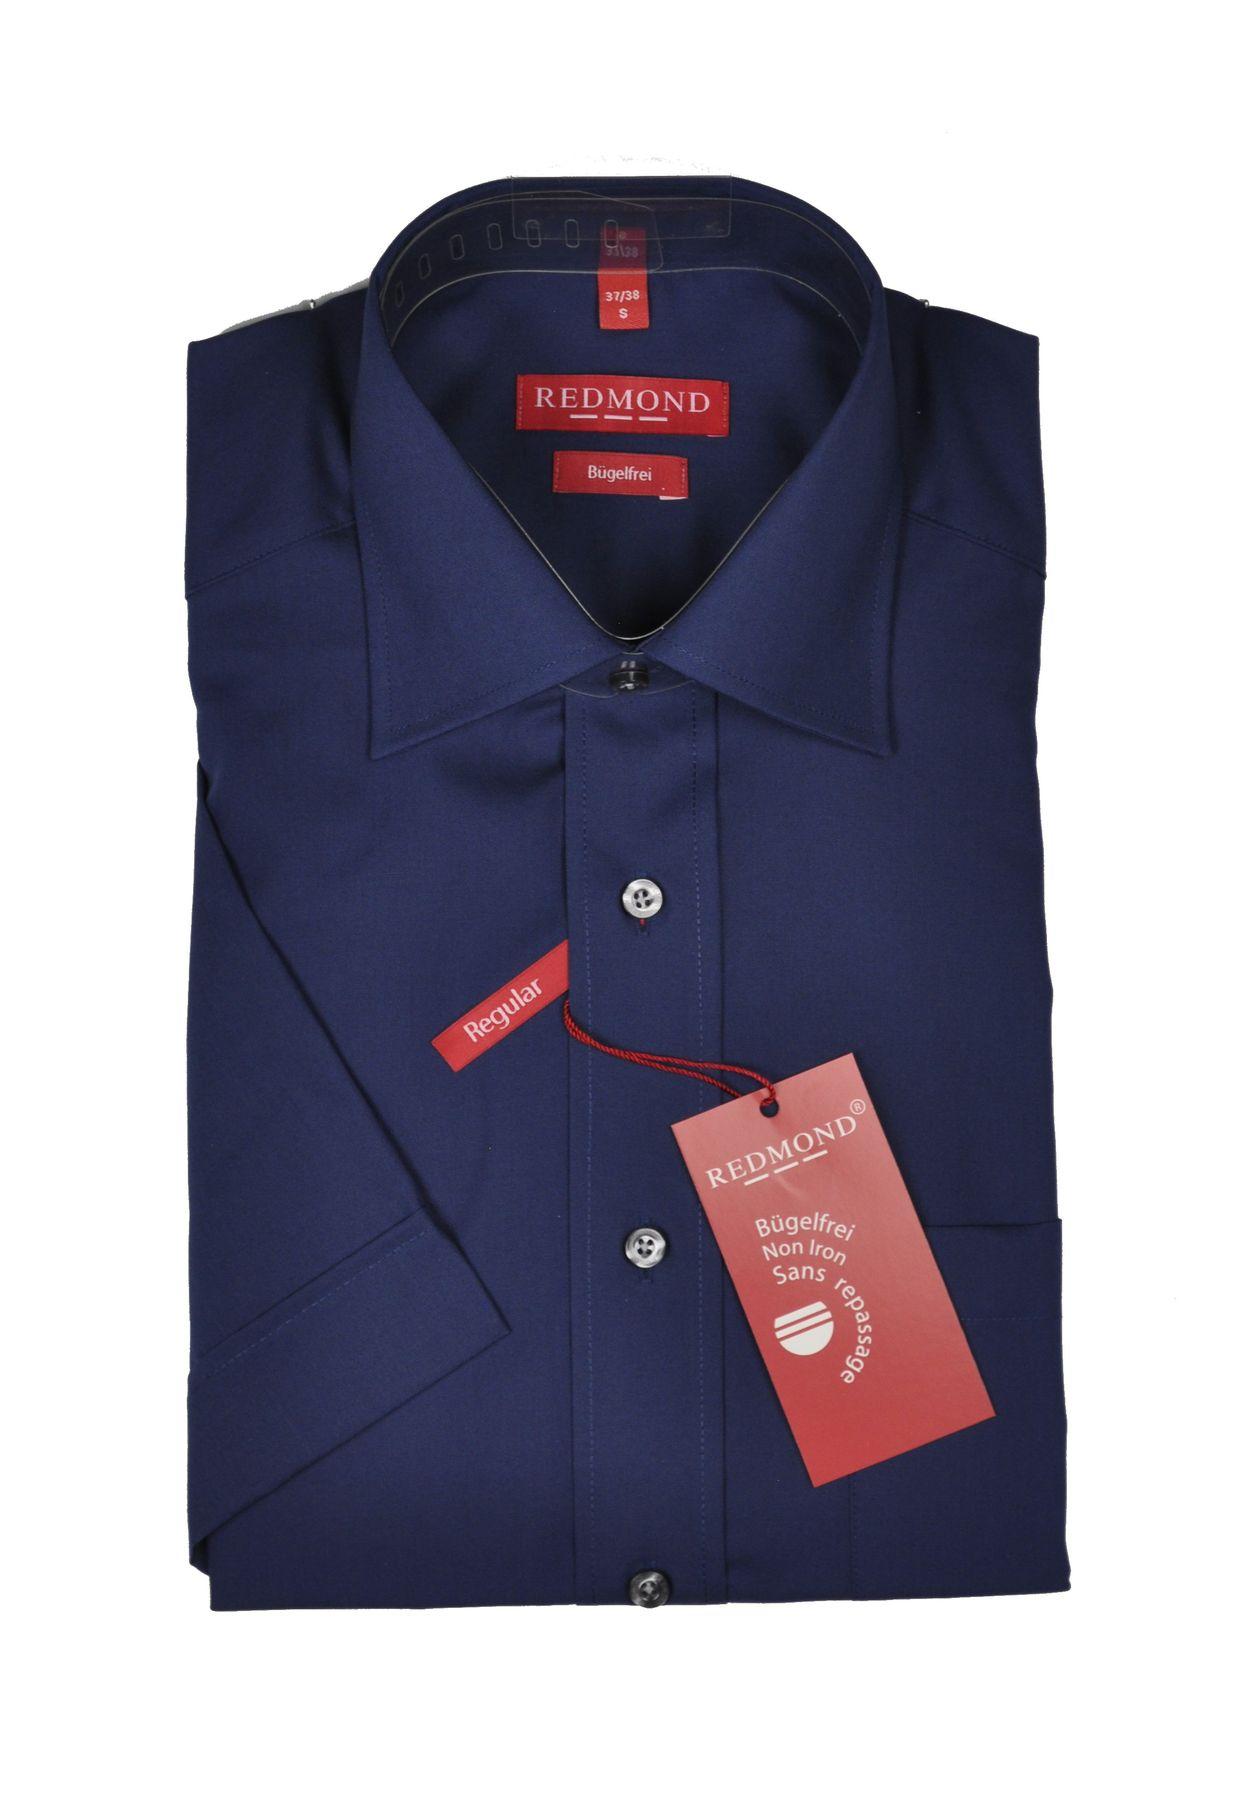 Bügelfreies Herren Halbarm Hemd in verschiedenen Fil à Fil Farbmustern, Stil: Regular Fit, Marke REDMOND (200 900)